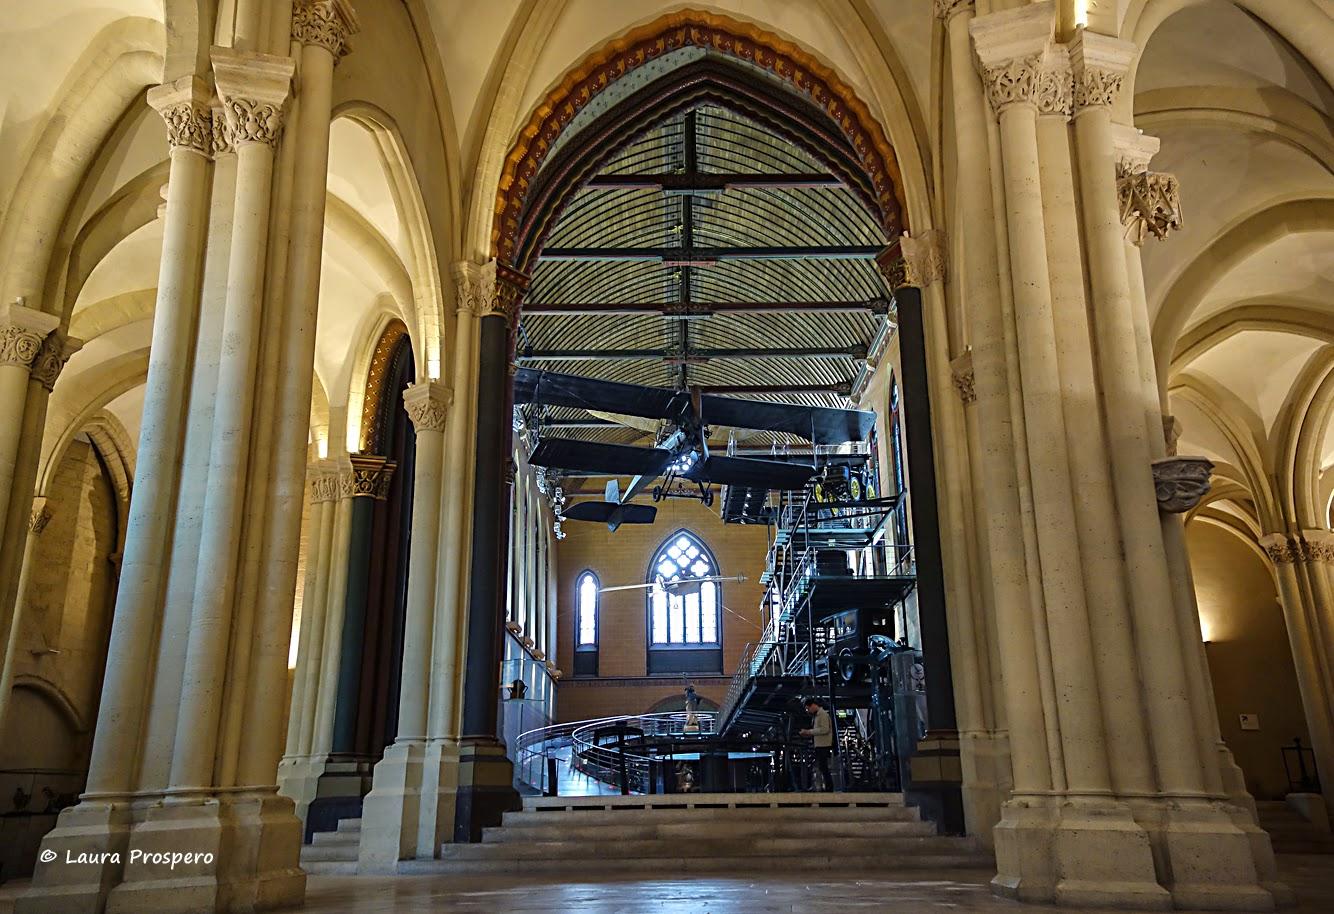 église de Saint-Martin-des-Champs - musée des arts et métiers, Paris © Laura Prospero